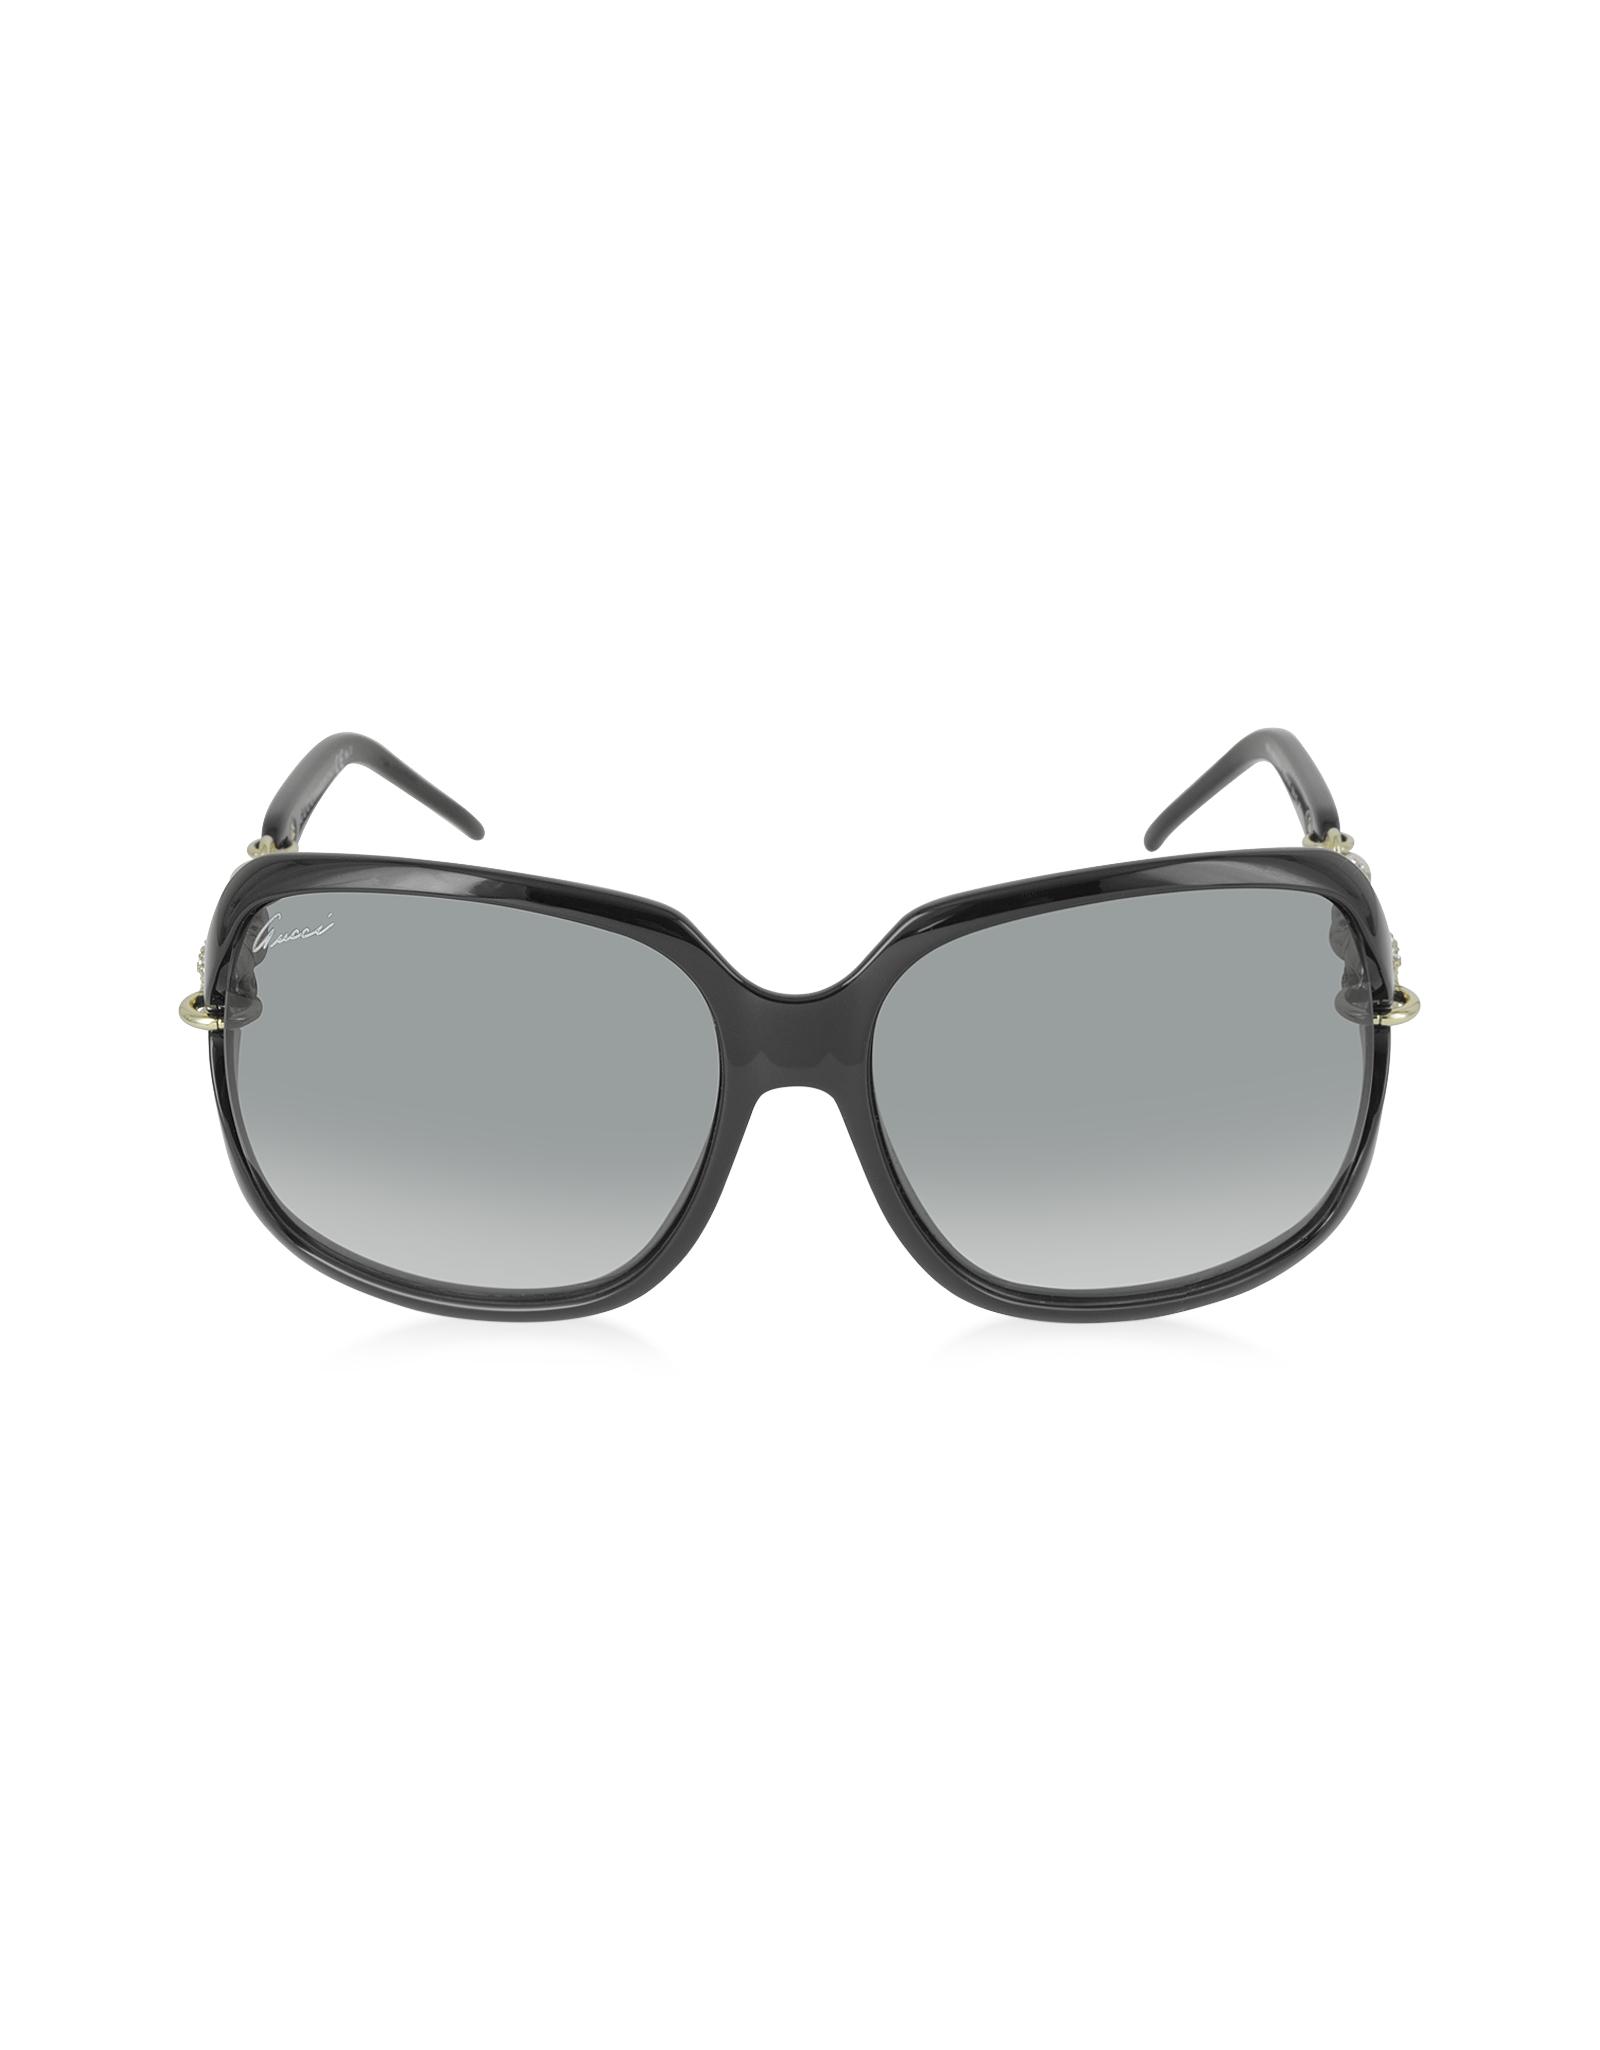 a86cc84957 Gucci Square Plastic Sunglasses W  Web Temples Black